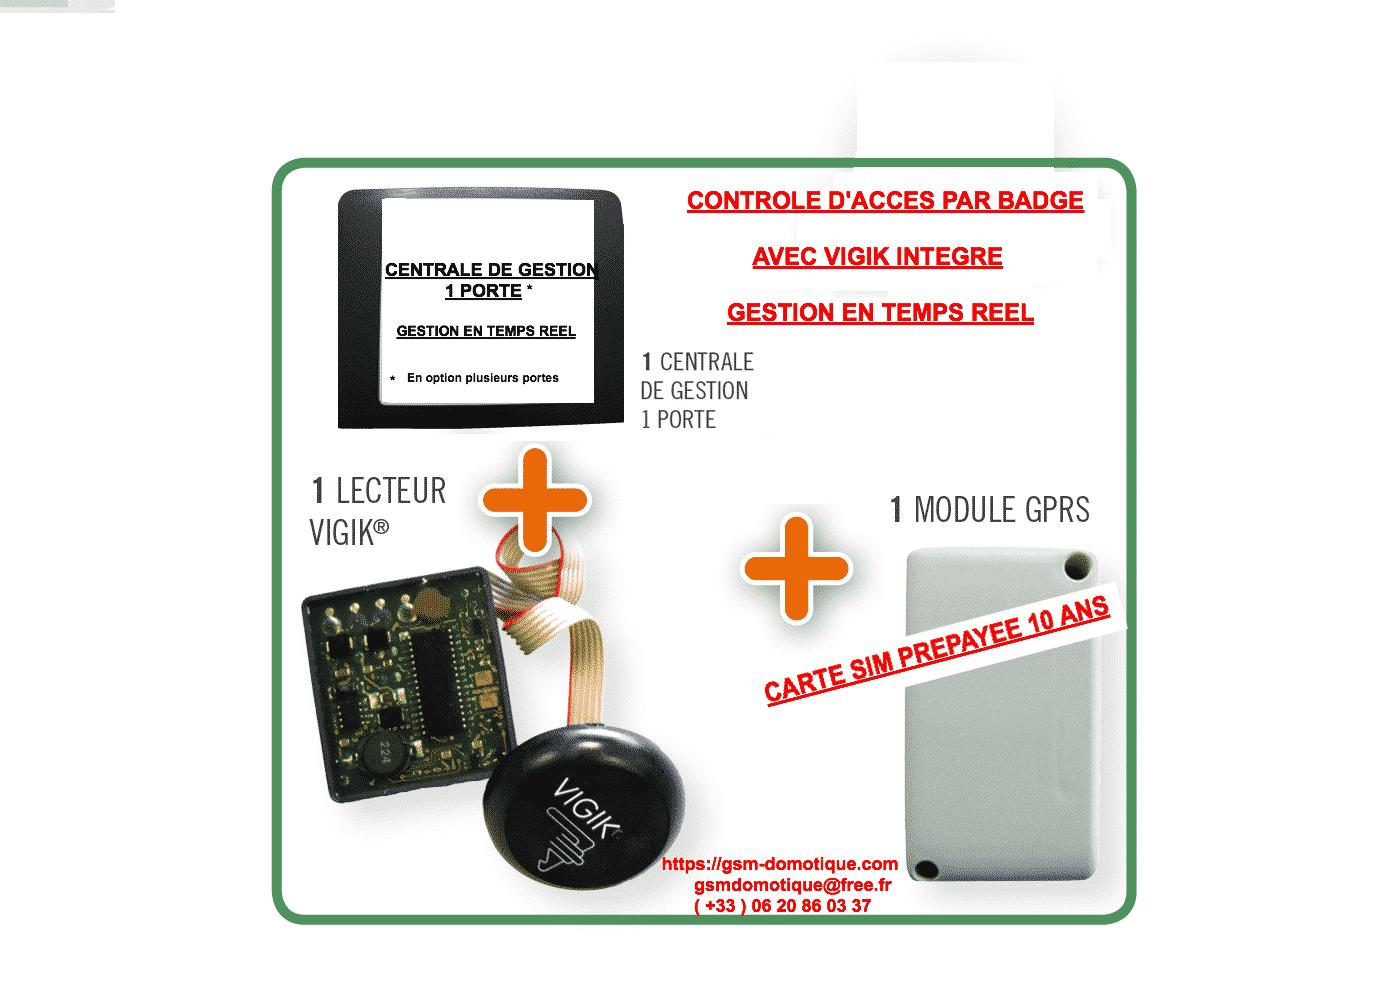 CONTROLEUR D'ACCES PAR BADGES